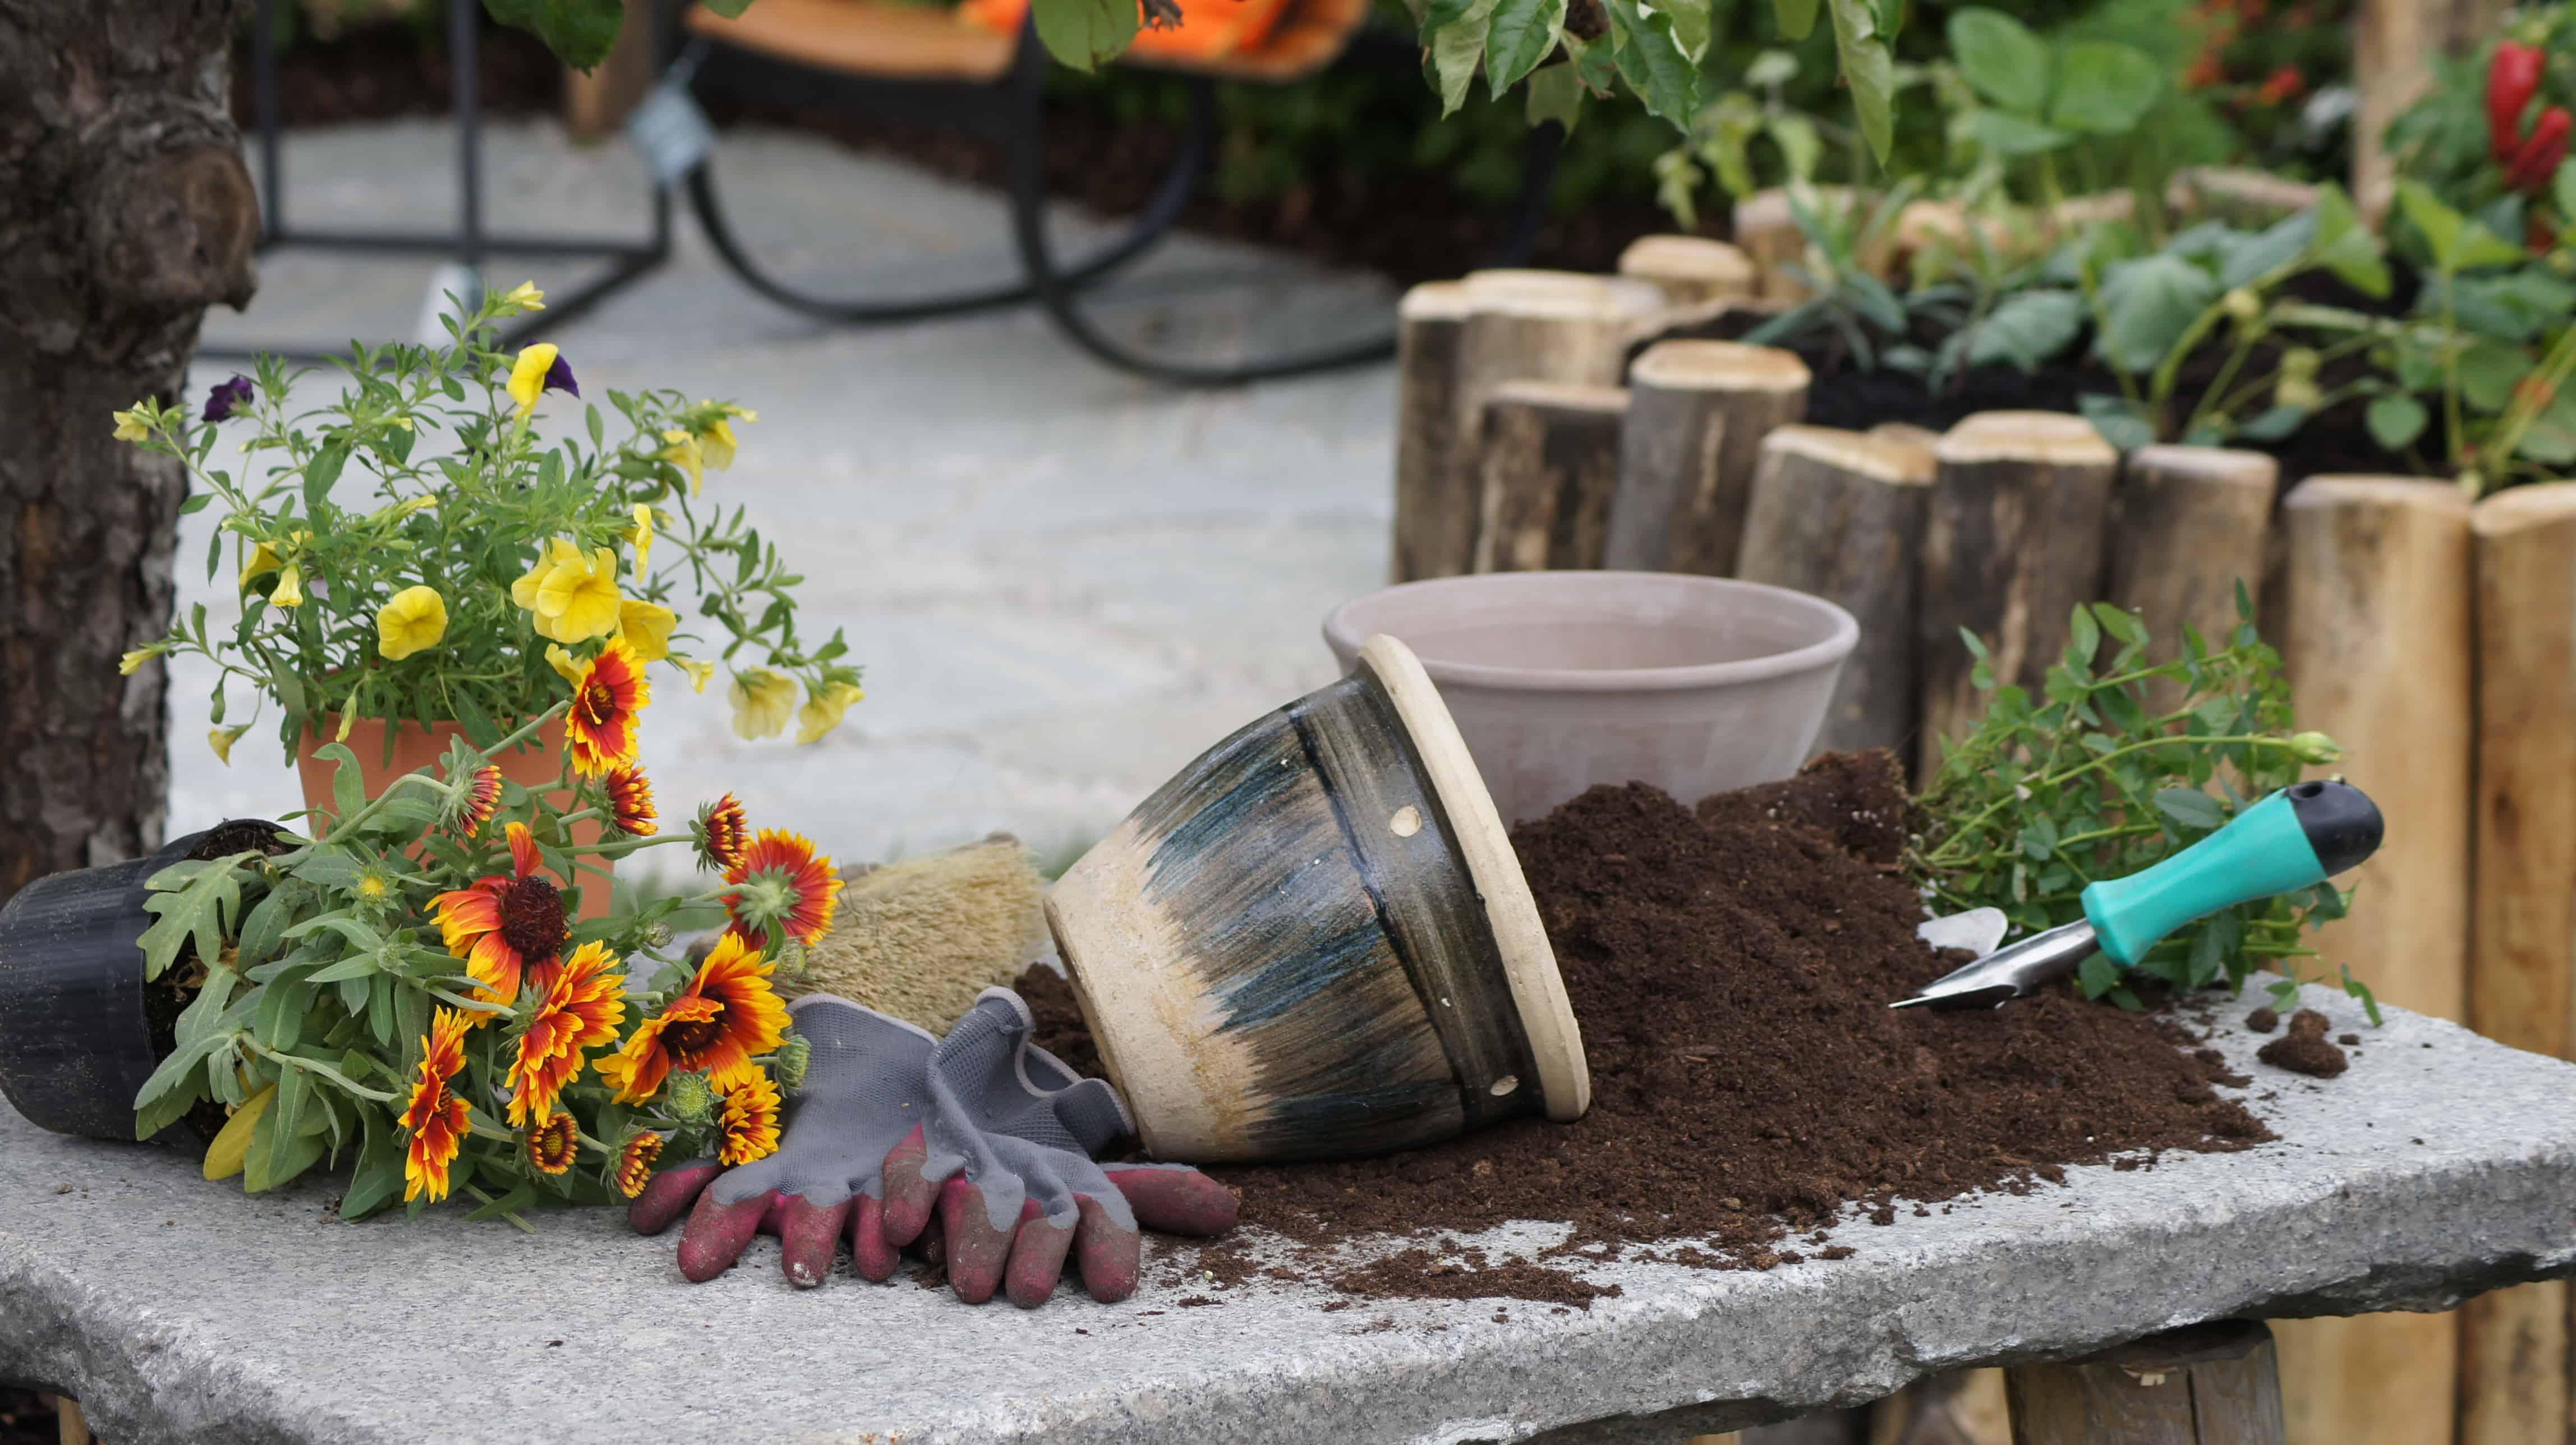 Schlierseer Gartenzauber 2018 - Judith Weber (2)